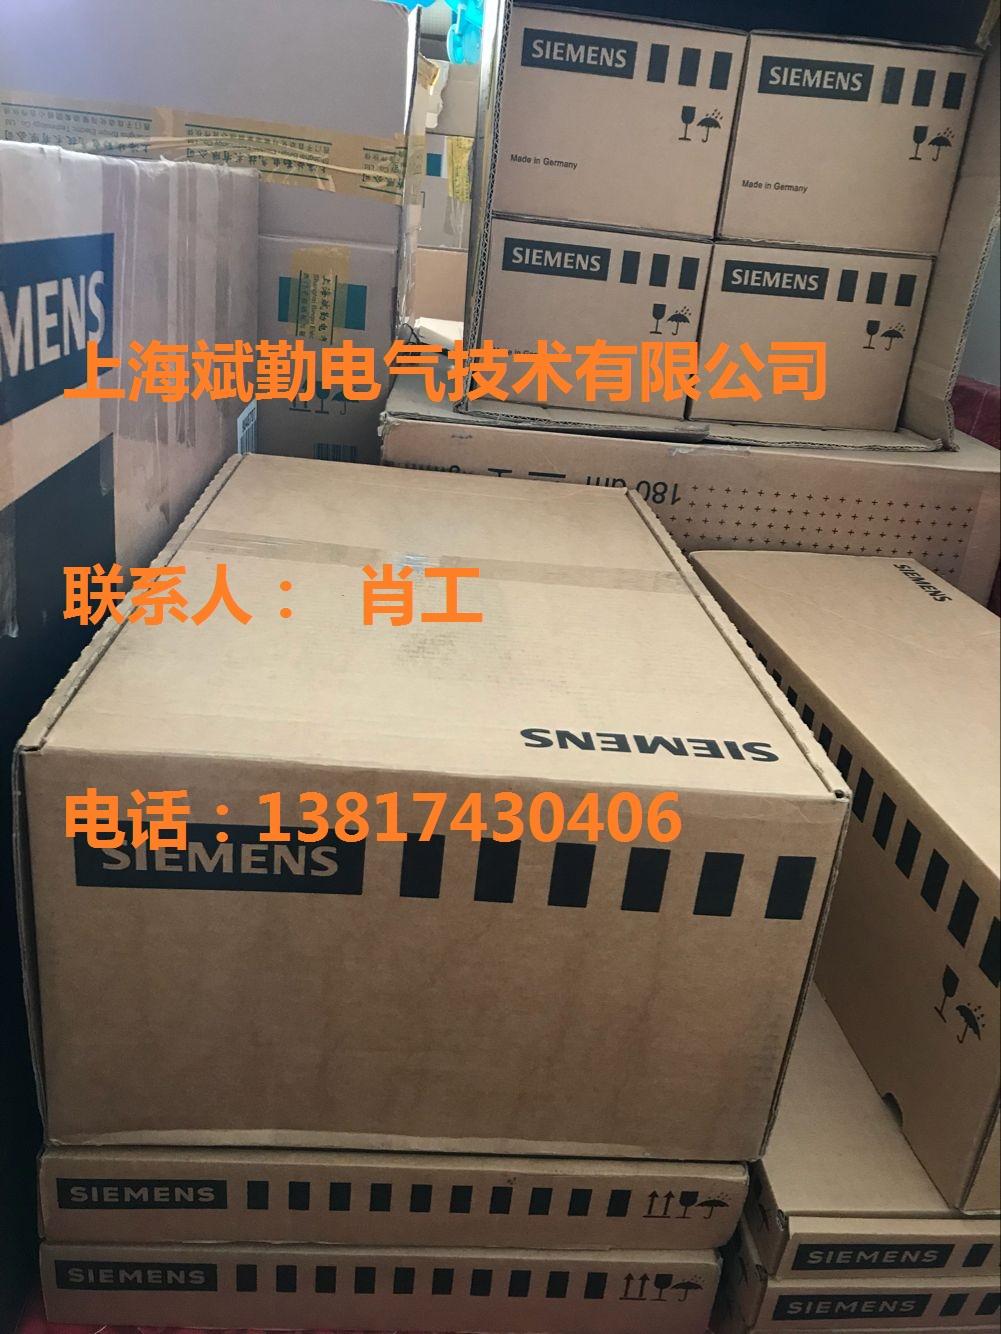 沈阳回收西门子6ES7222-1BF22-0XA8